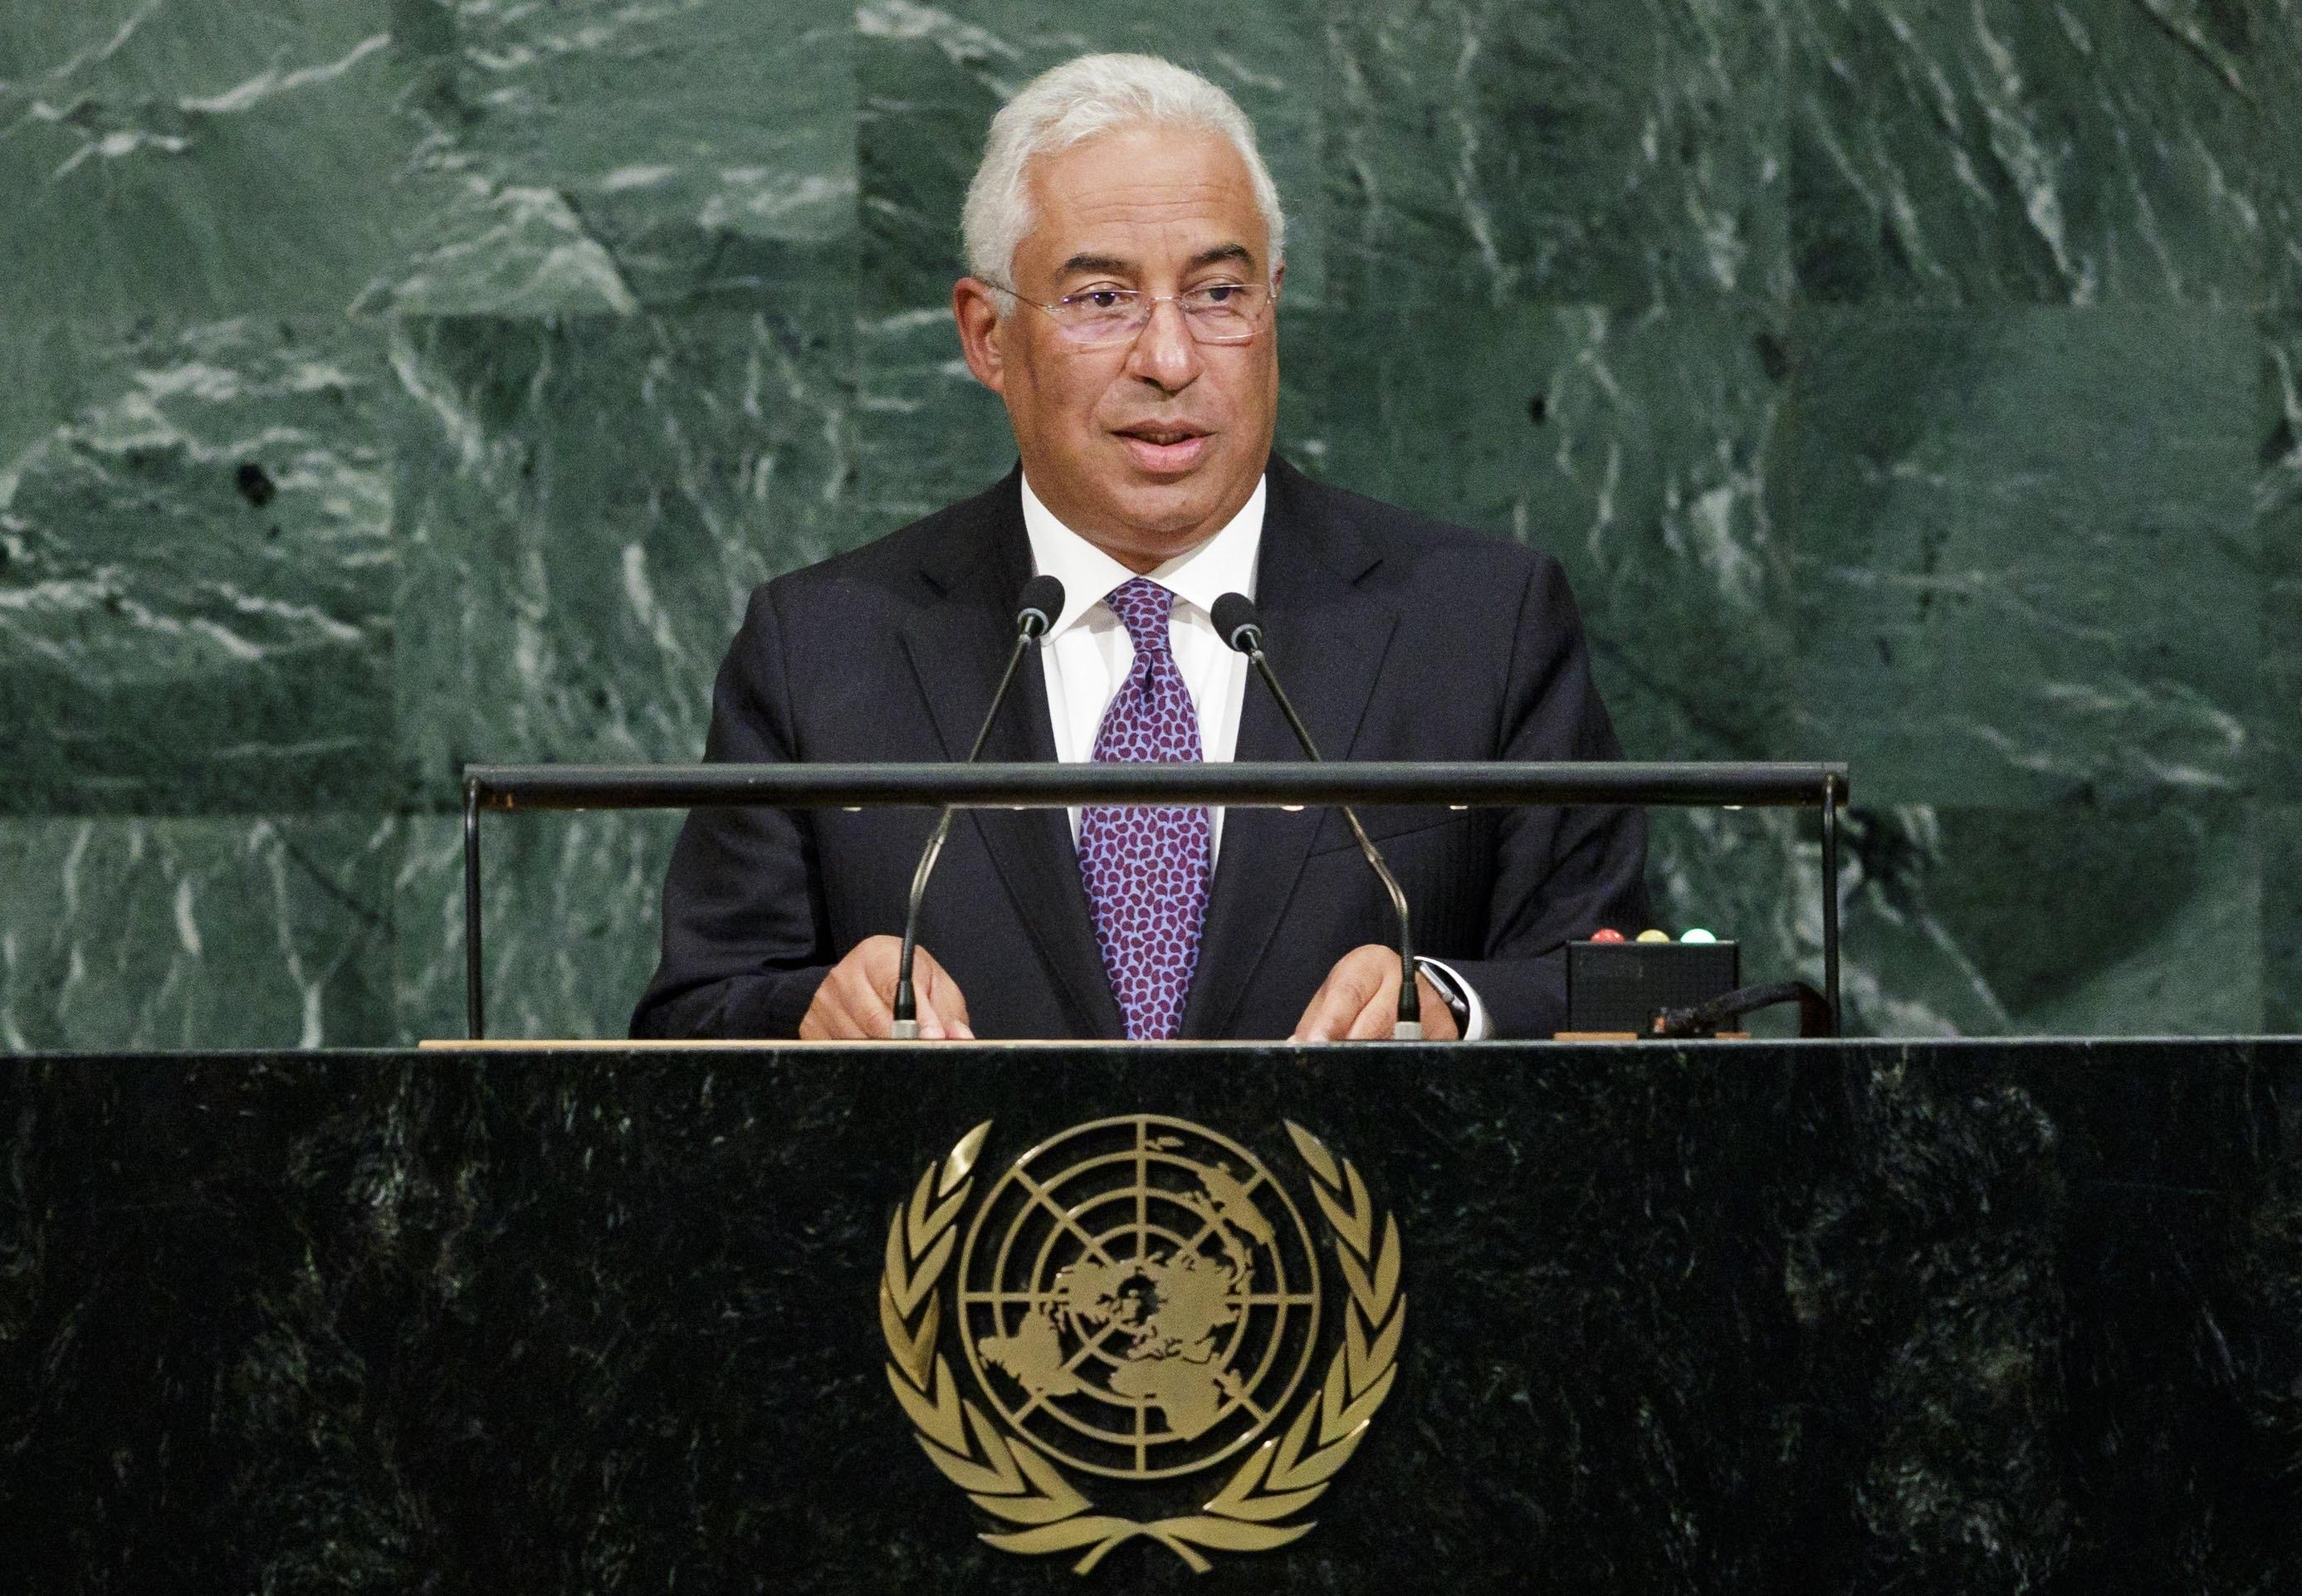 PÚBLICO - ONU: Costa quer Brasil e Índia com lugar permanente no Conselho de Segurança